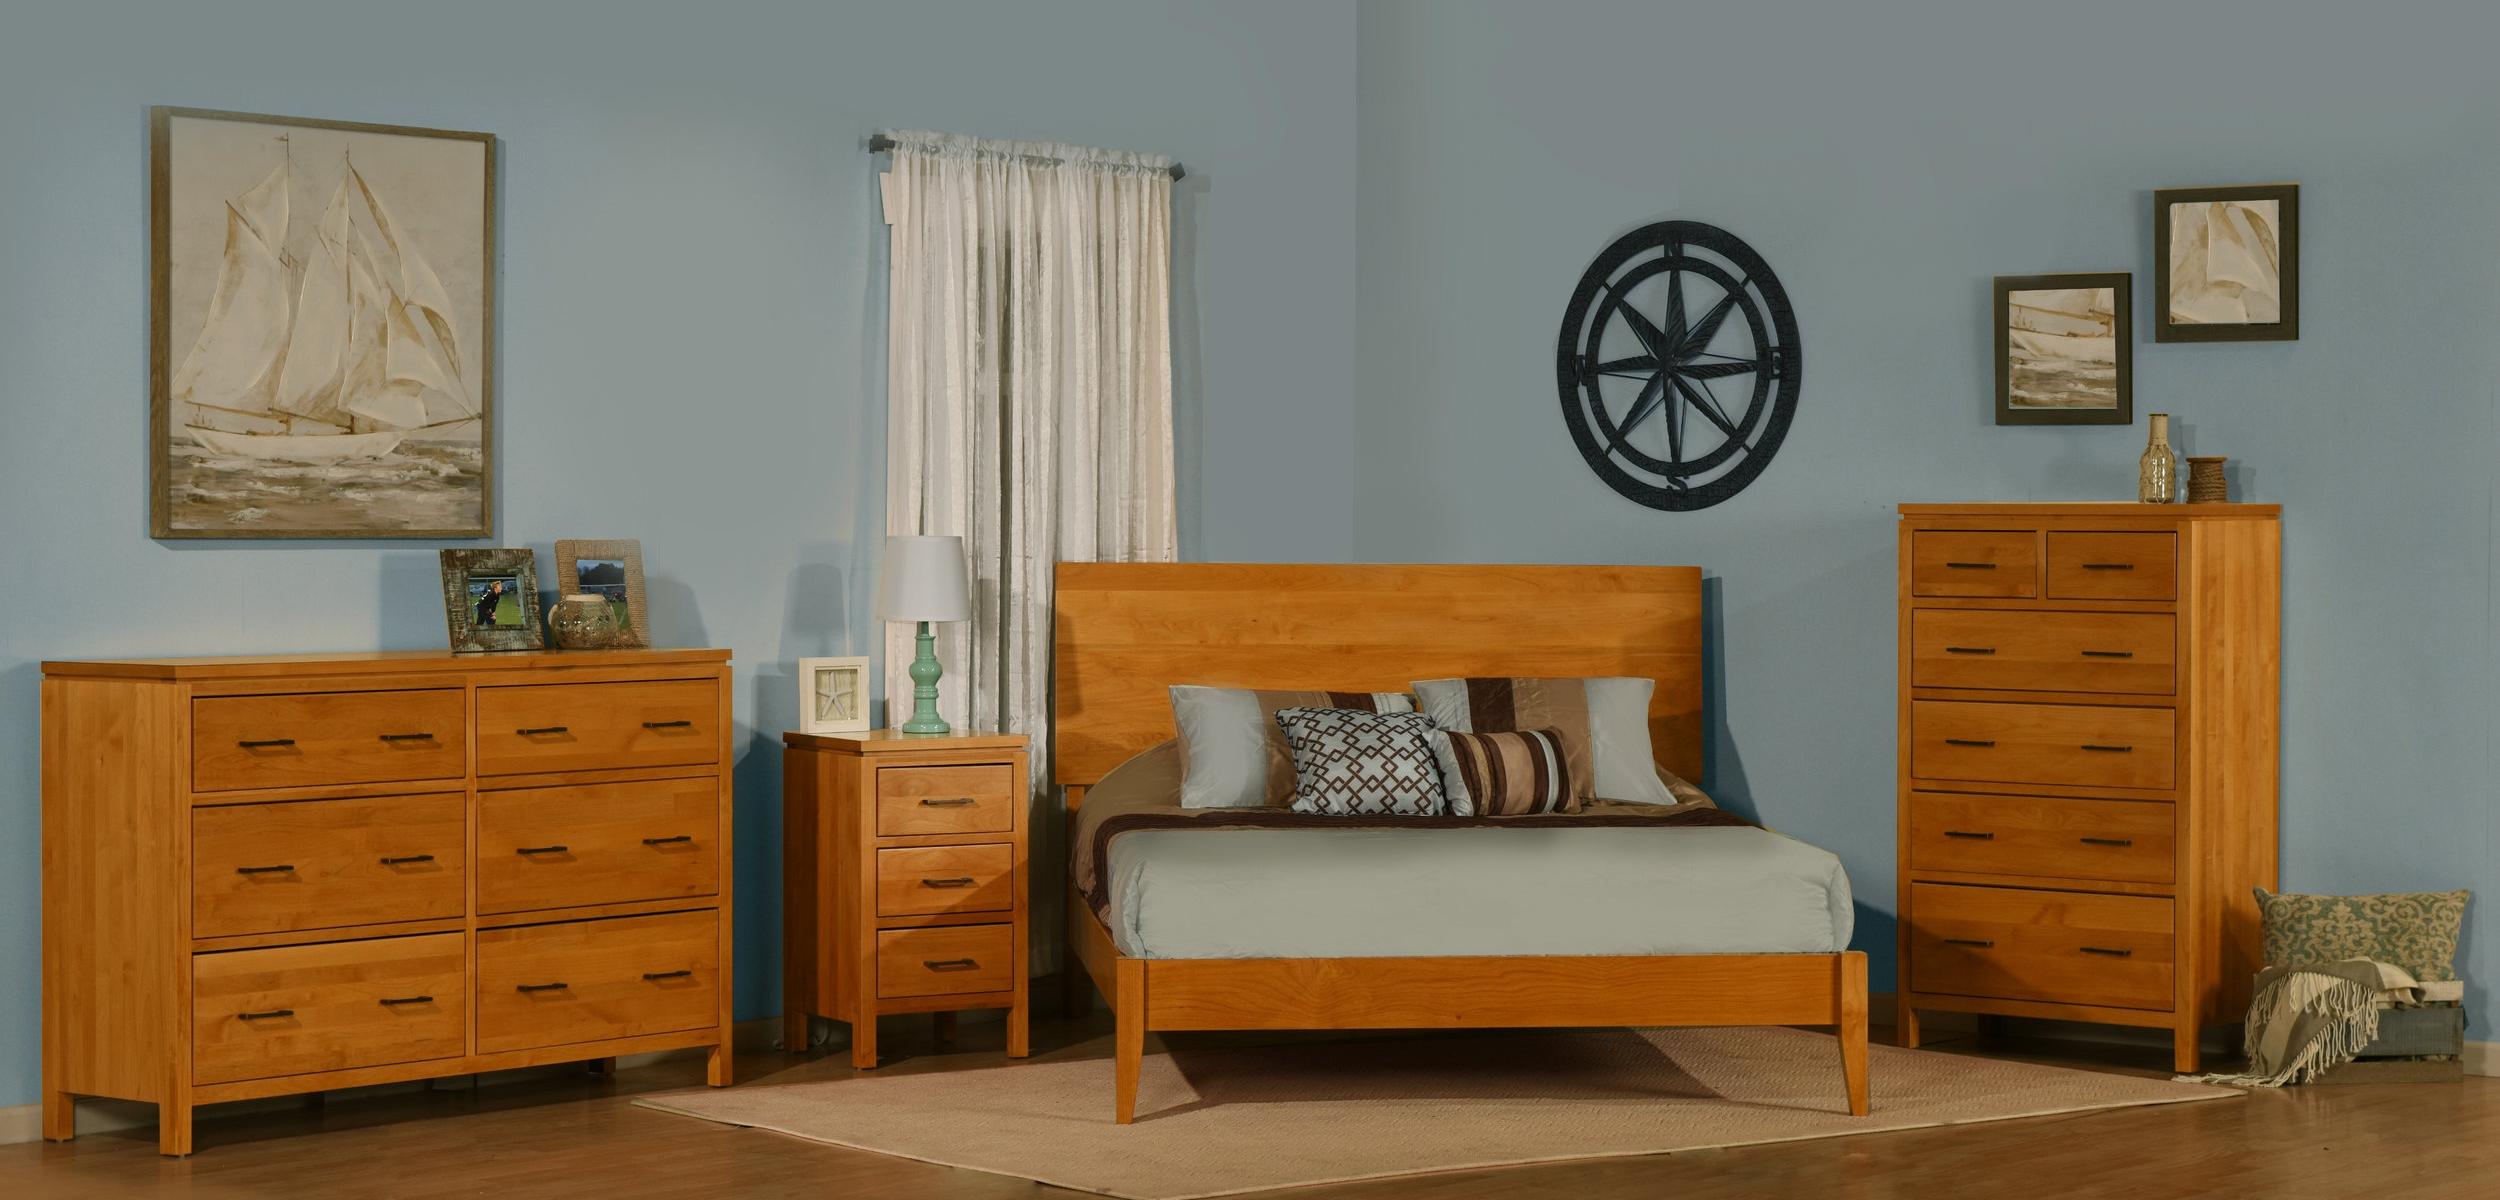 Archbold 2 West Bedroom Set